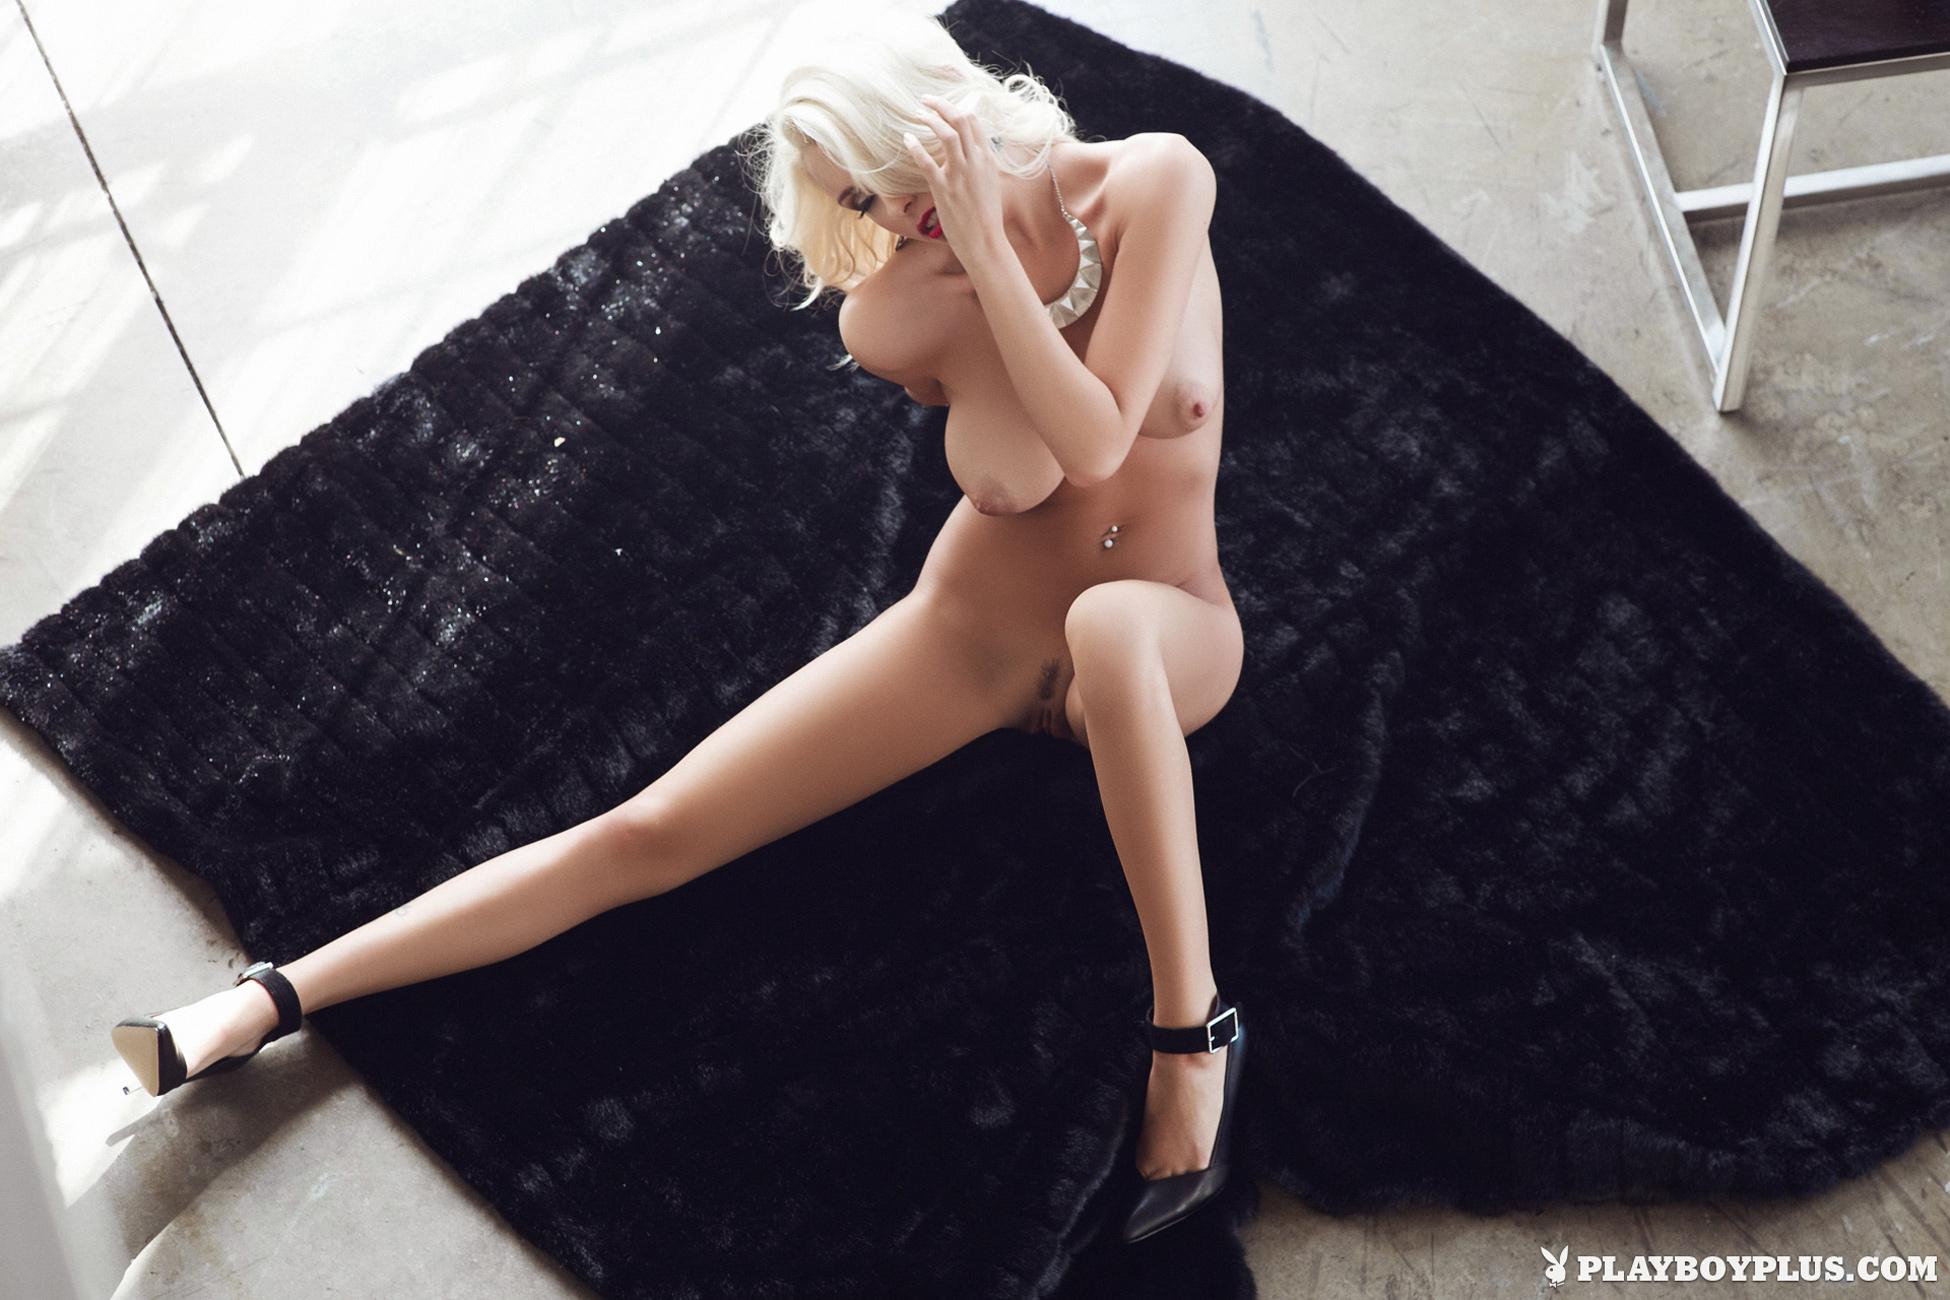 alissa-arden-blonde-nude-playboy-18